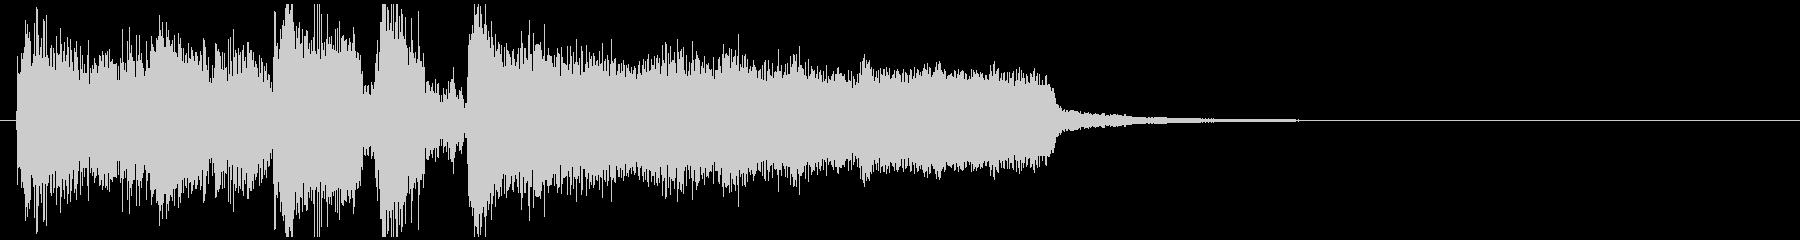 派手なオープニング系ジャズのサウンドロゴの未再生の波形